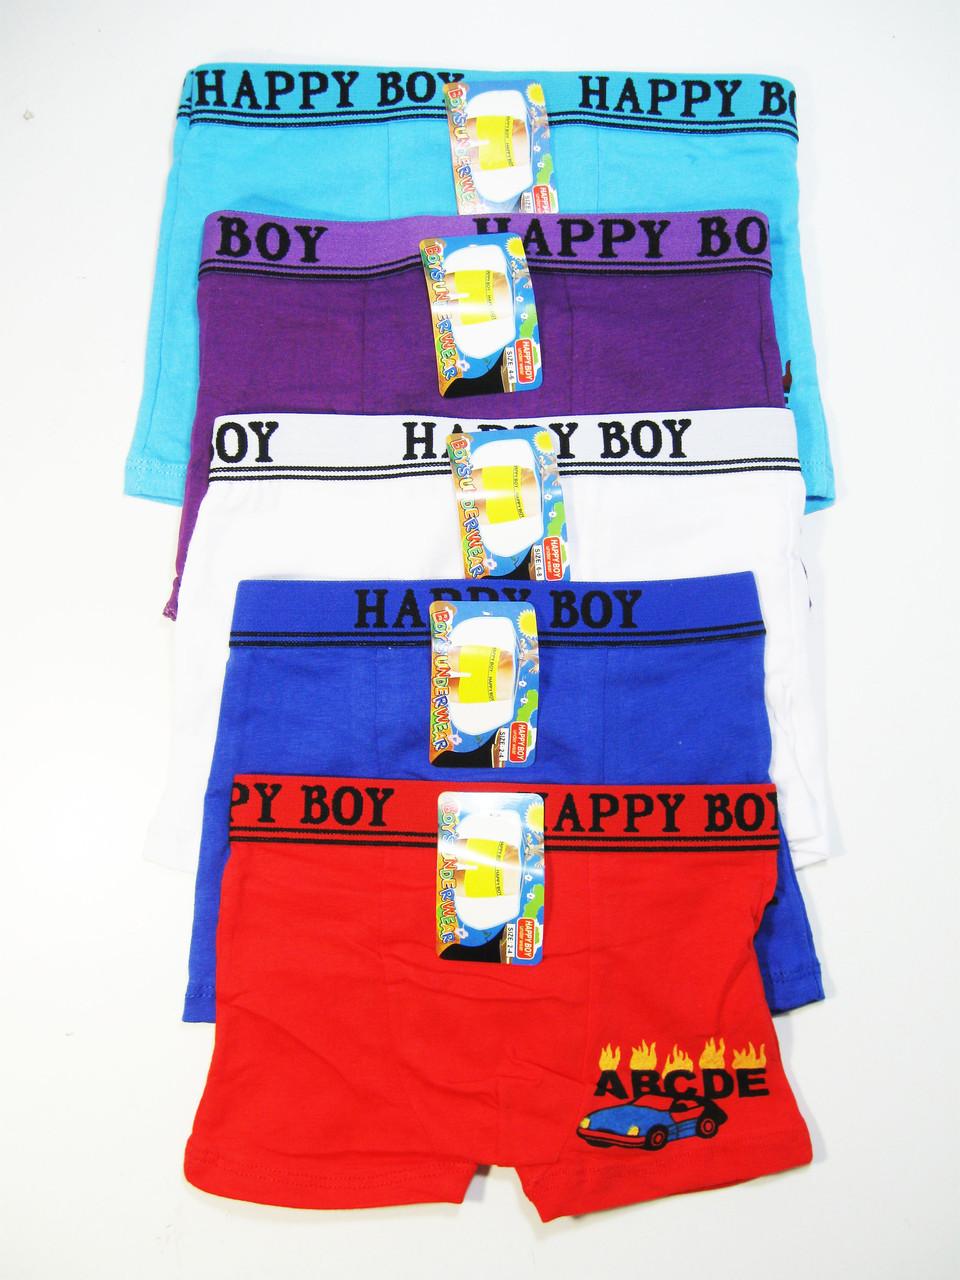 Трусы-боксеры для мальчиков, Happy Boy, размеры 2/4.4/6,7/9,10/12 лет, арт. 002